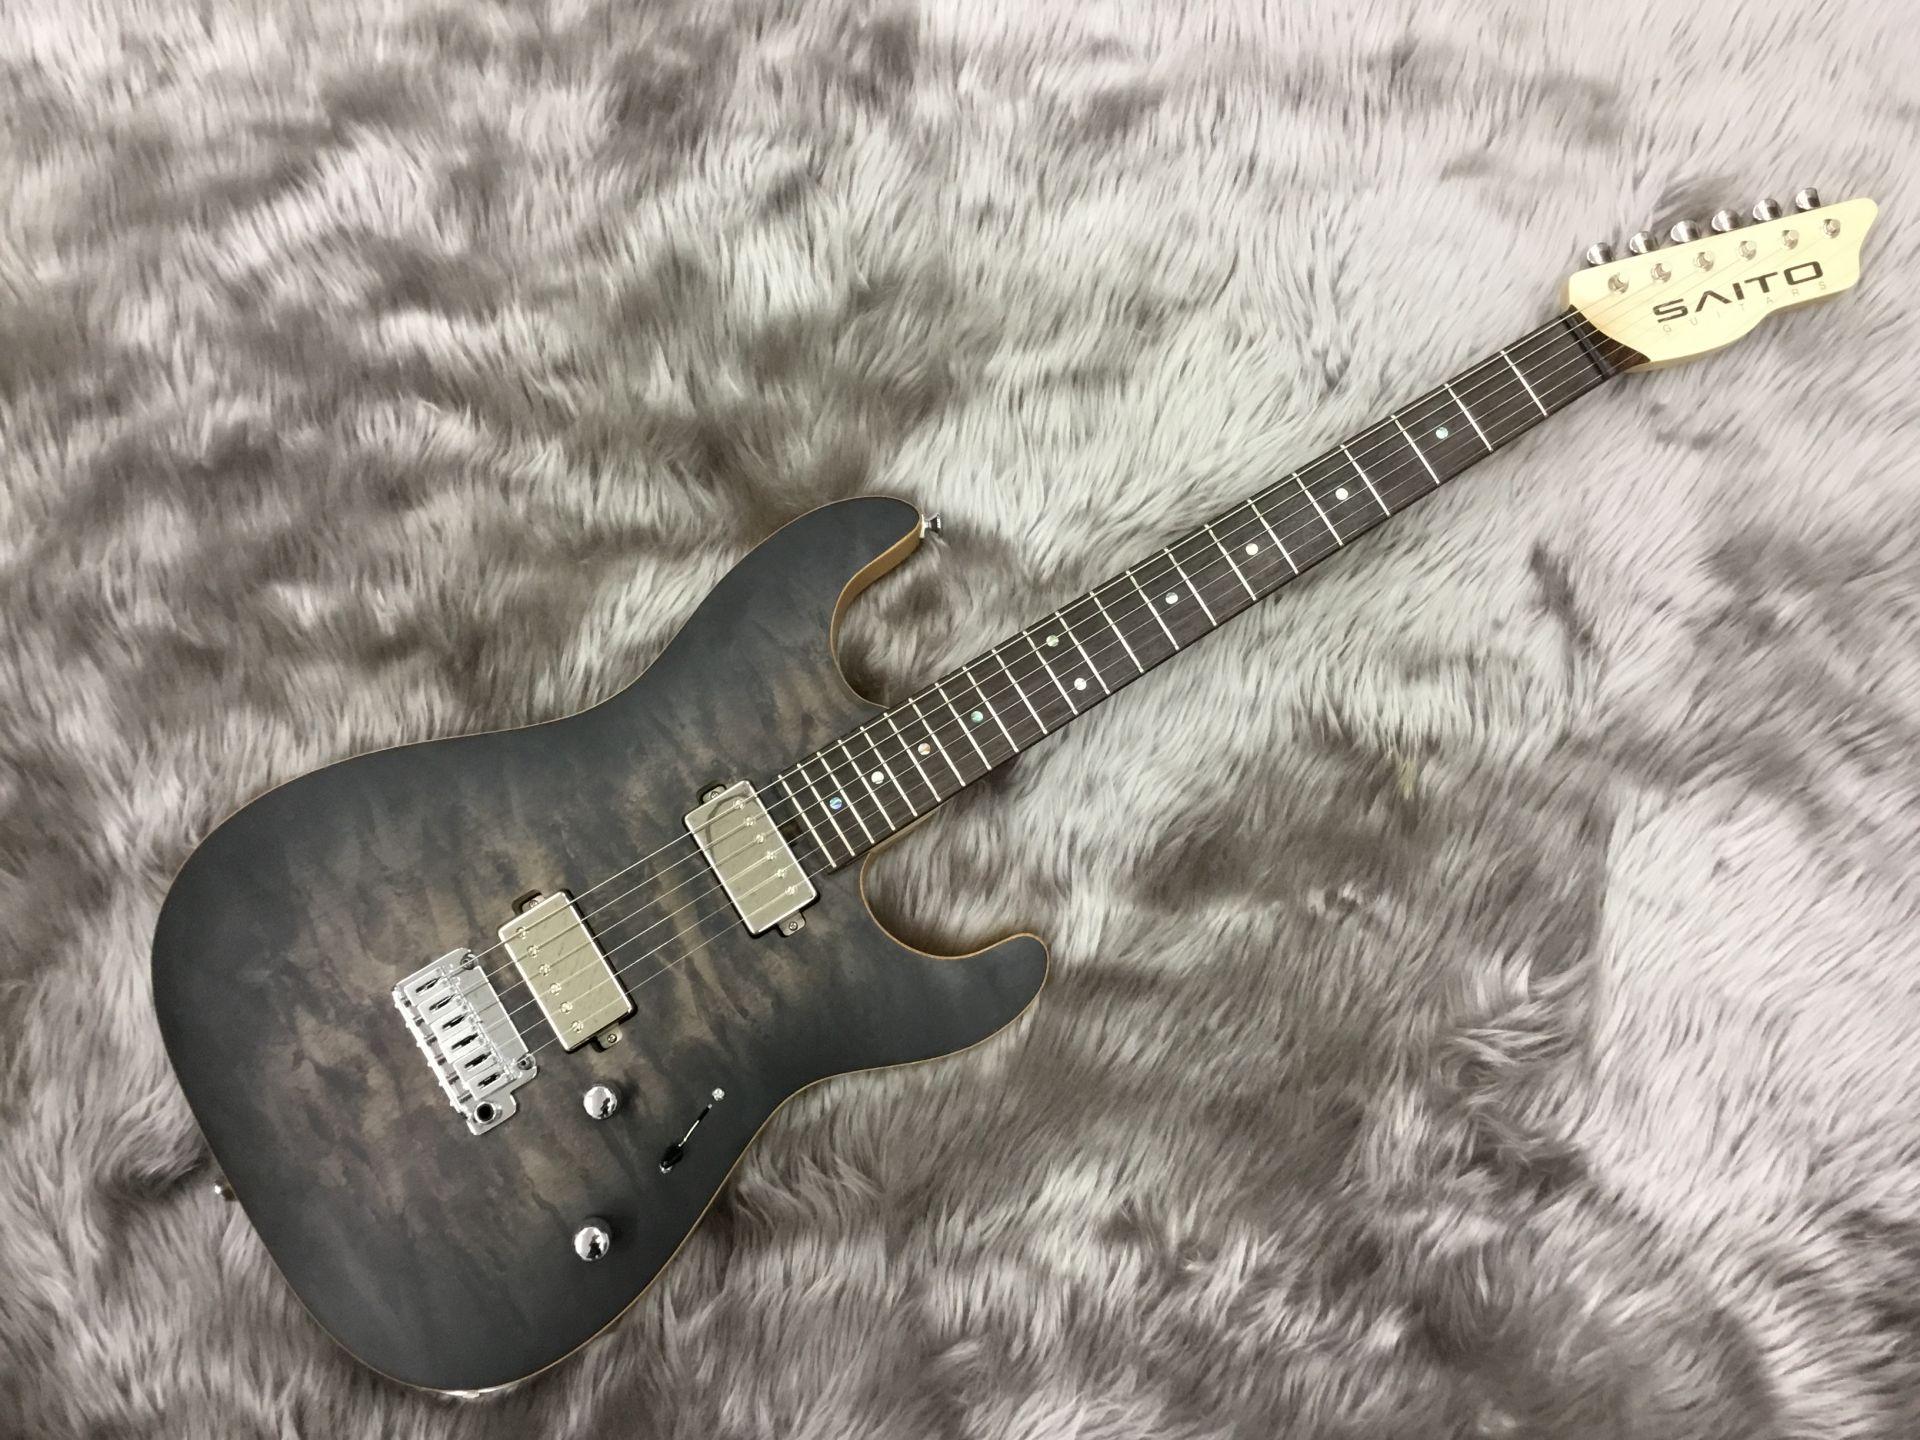 Saito Guitars S-622HH 写真画像